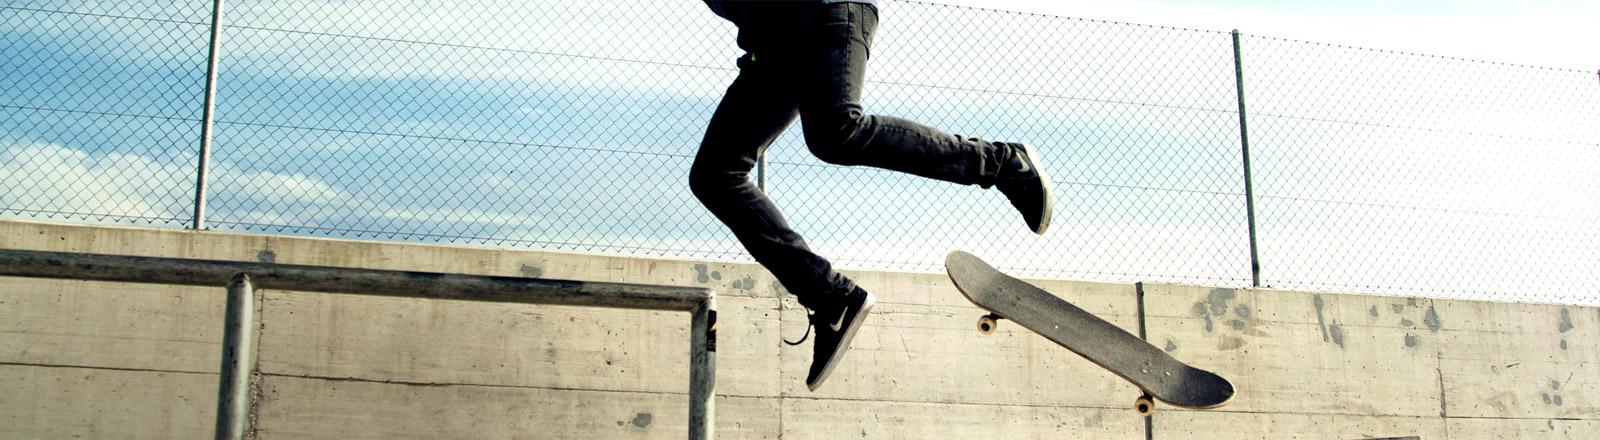 Ein Skateboarder übt seinen Stunt.